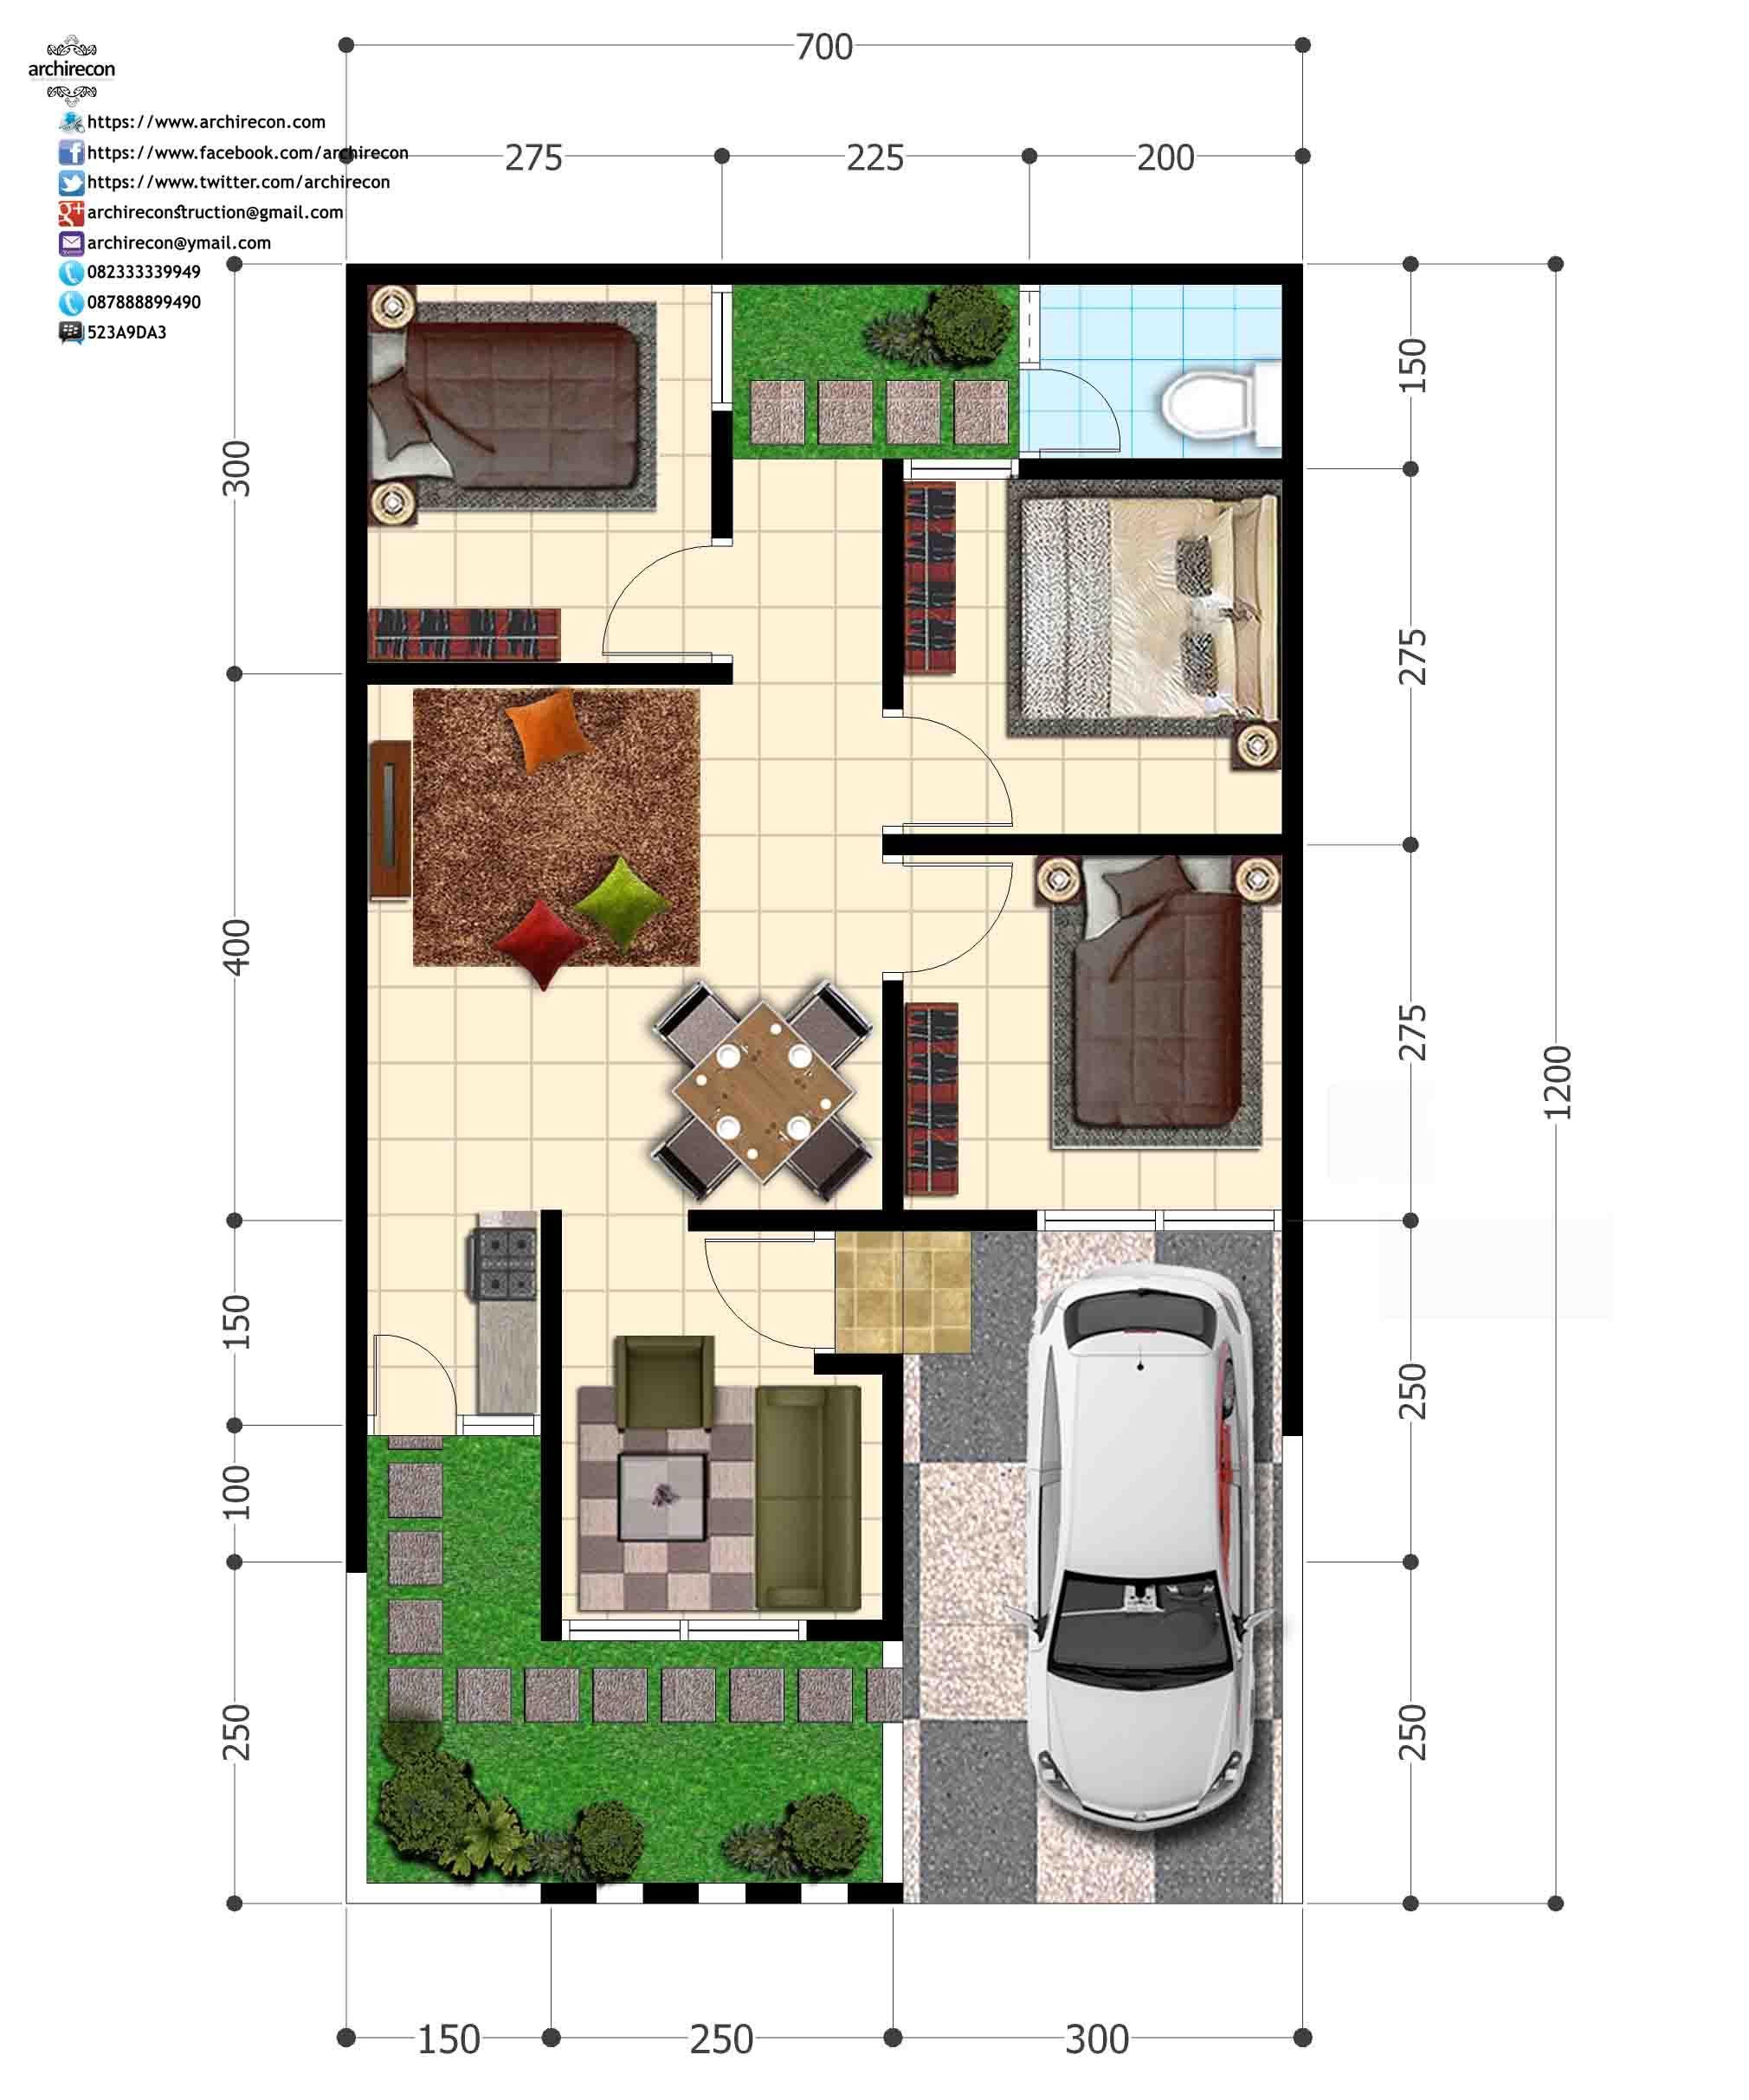 63 Desain Rumah Minimalis Green House Desain Rumah